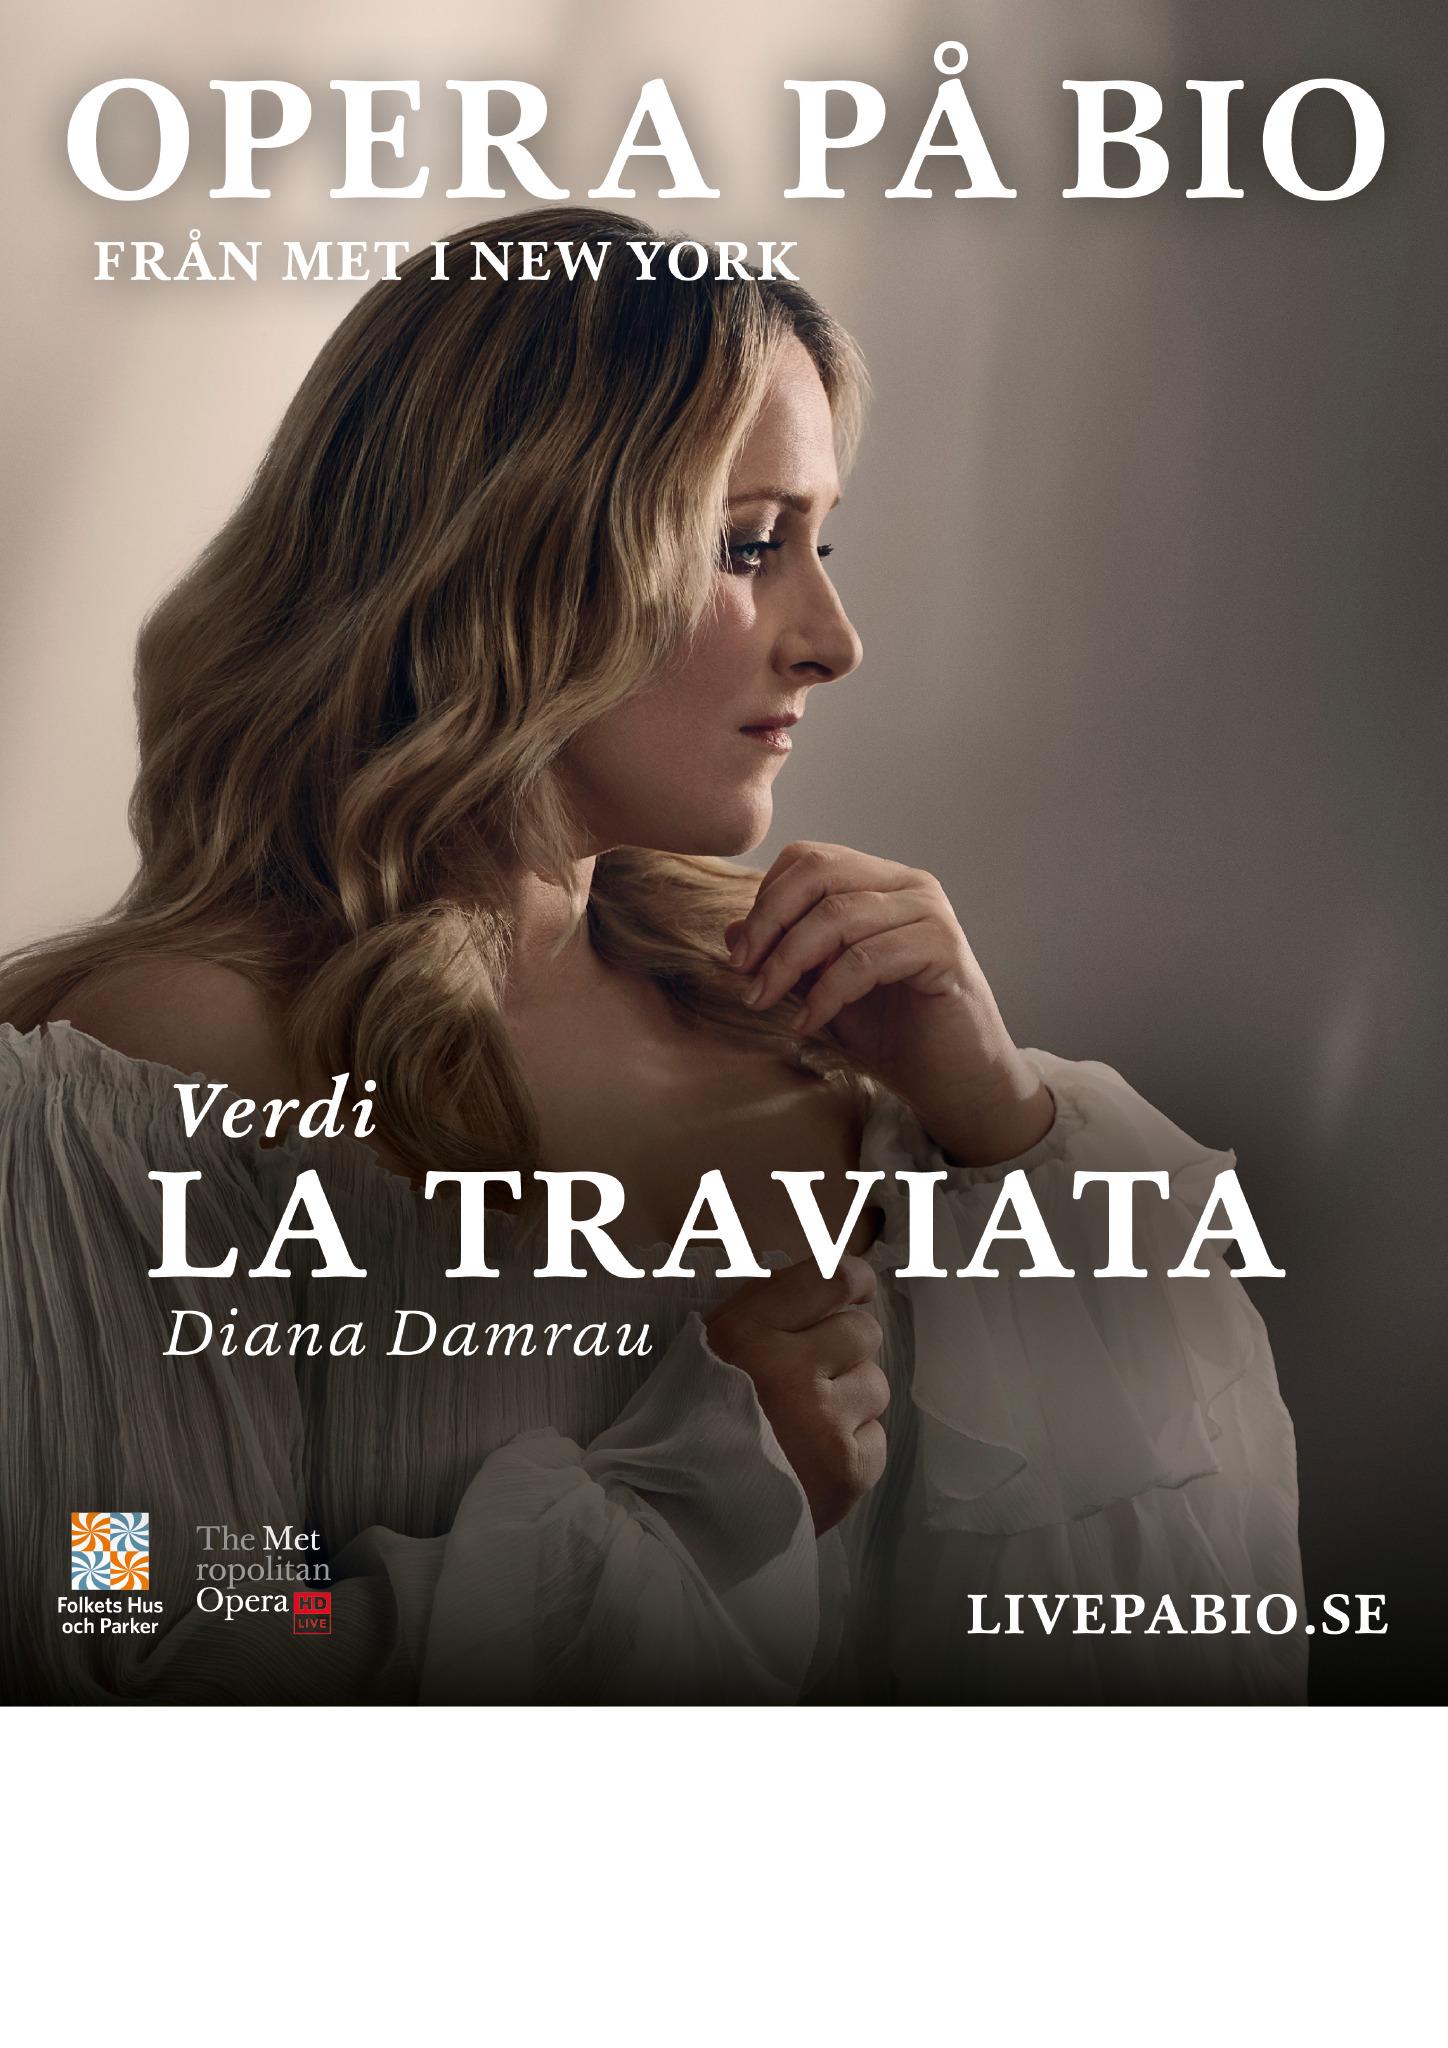 Opera på bioduken La Traviata